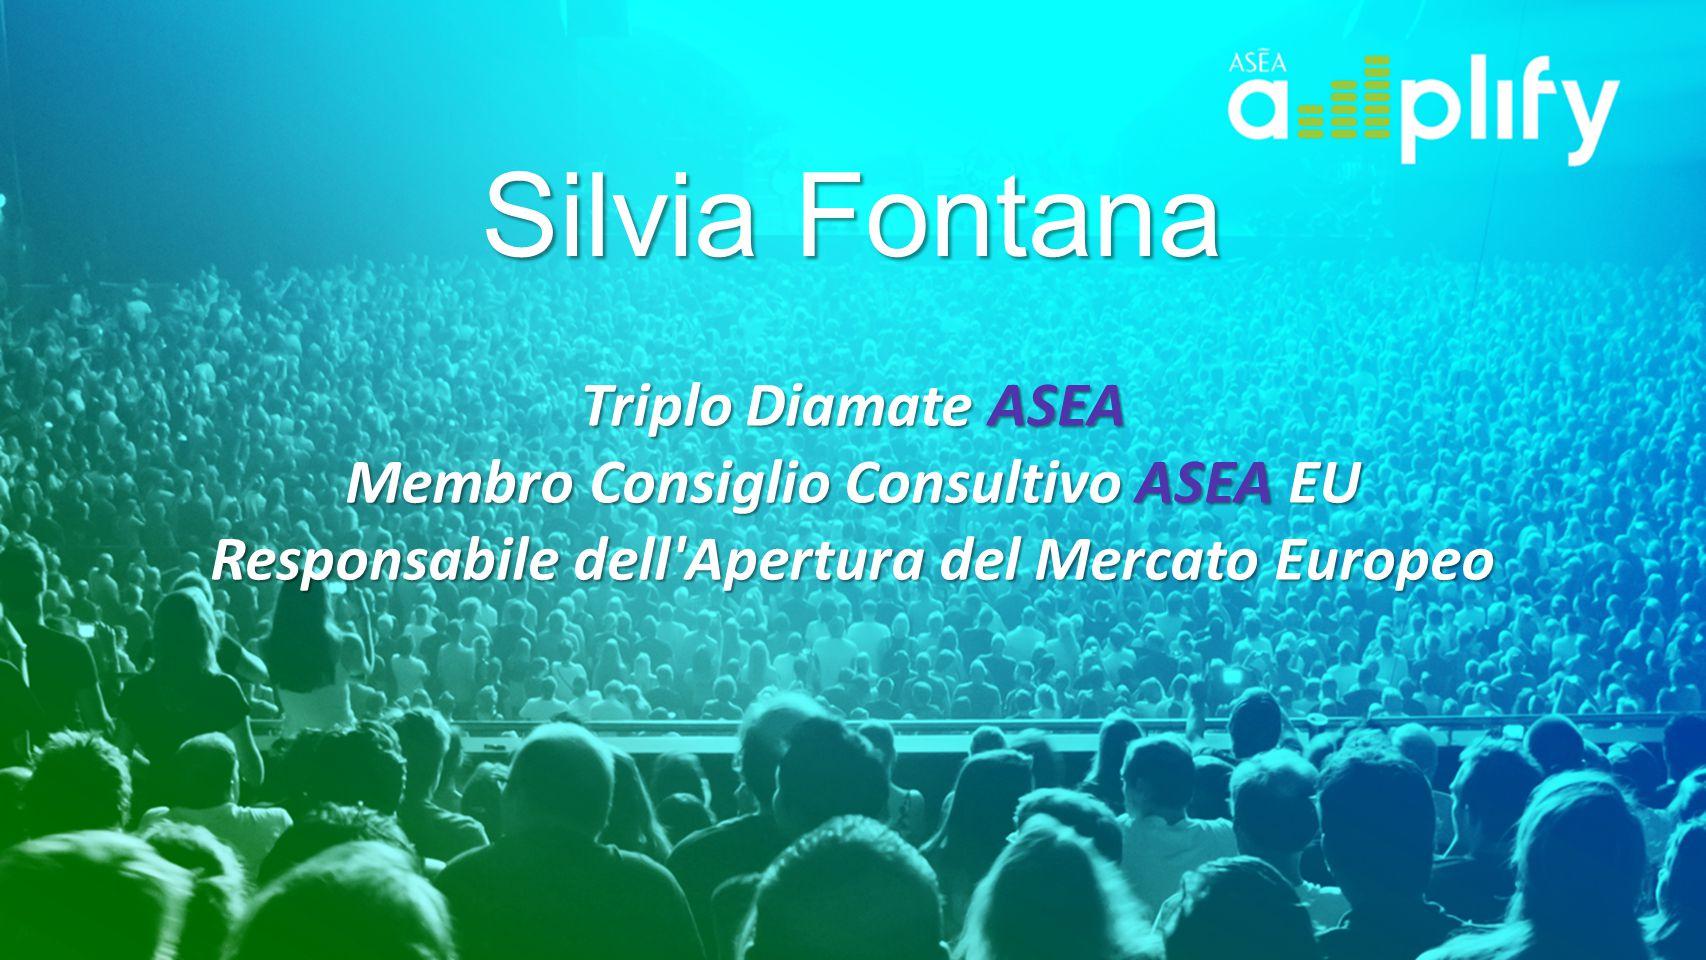 Silvia Fontana Triplo Diamate ASEA Membro Consiglio Consultivo ASEA EU Responsabile dell Apertura del Mercato Europeo.